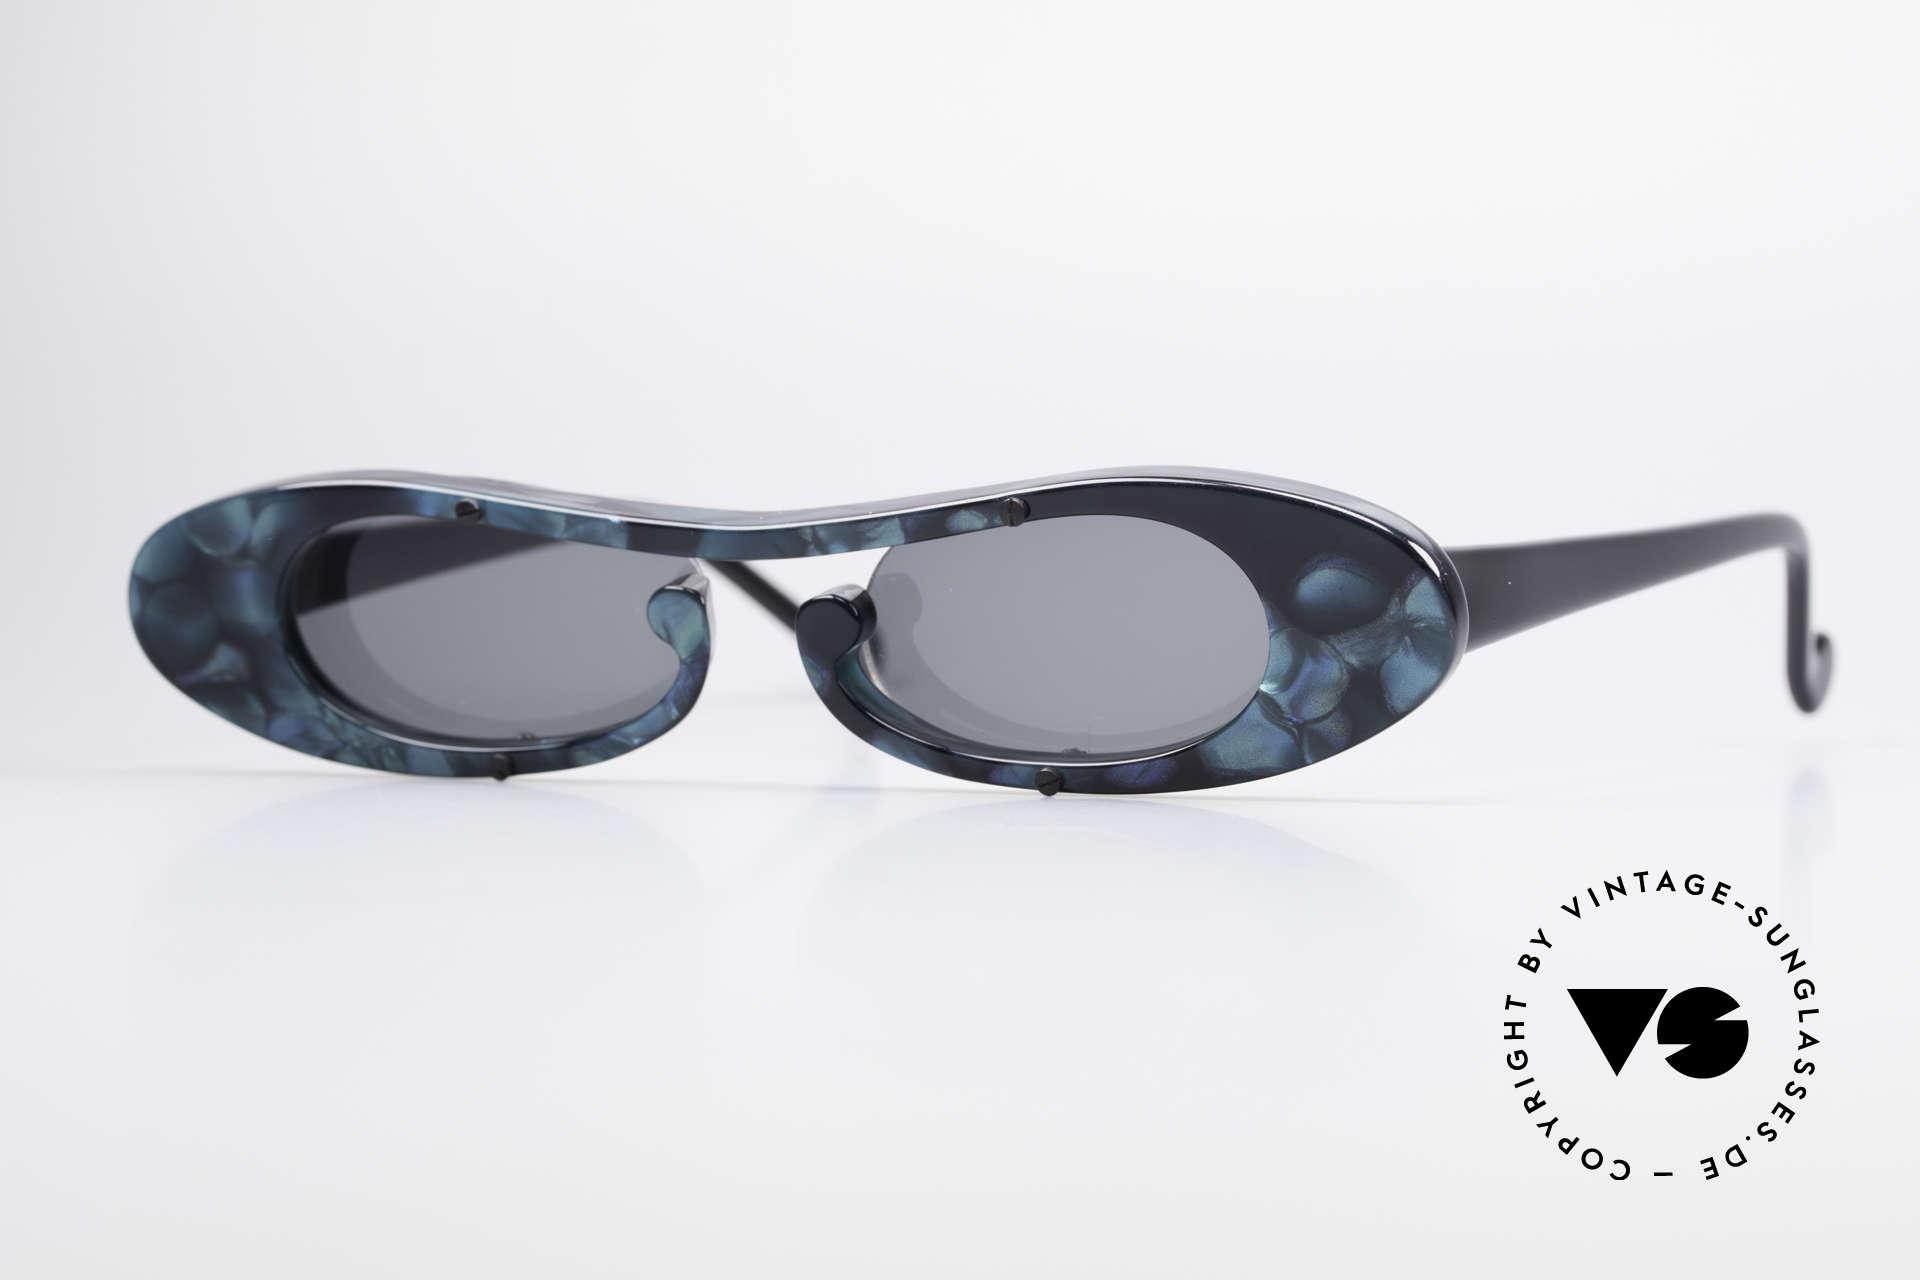 Theo Belgium Rage Avantgarde Sonnenbrille 90er, Theo Belgium: die eigenwilligste Brillenmarke, weltweit, Passend für Damen